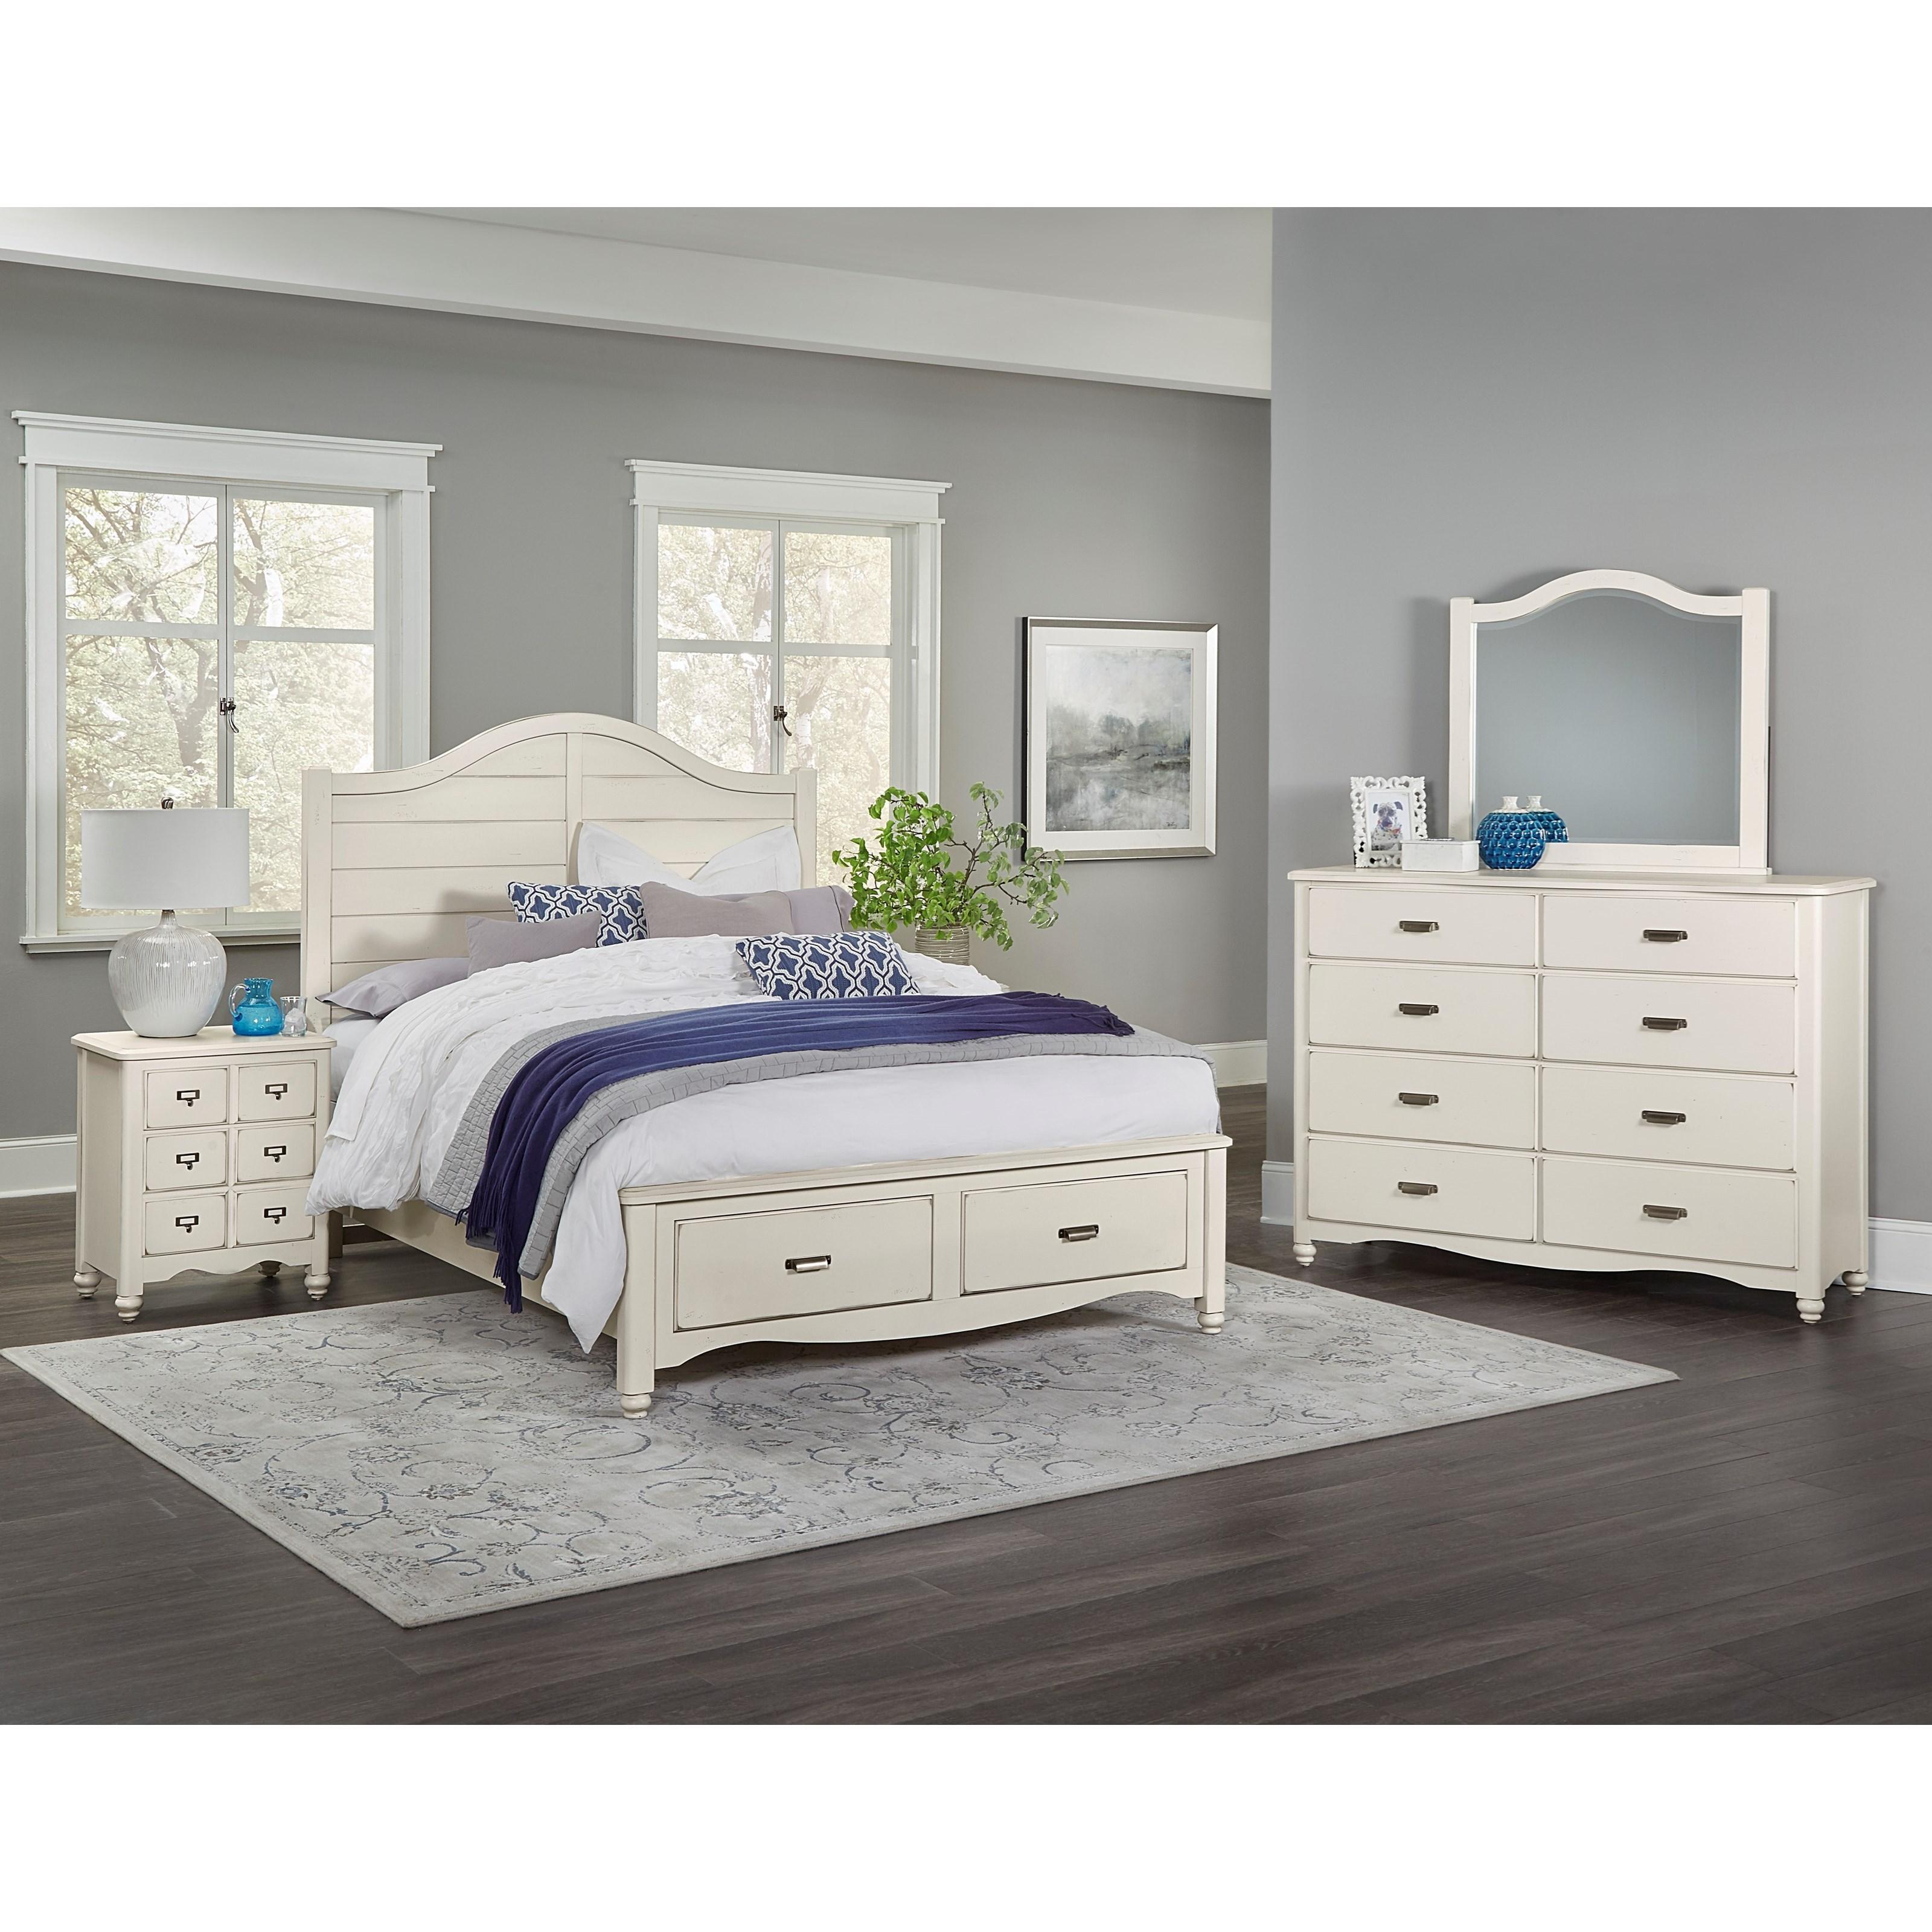 Vaughan Bassett American Maple King Bedroom Group - Item Number: 404 K Bedroom Group 4